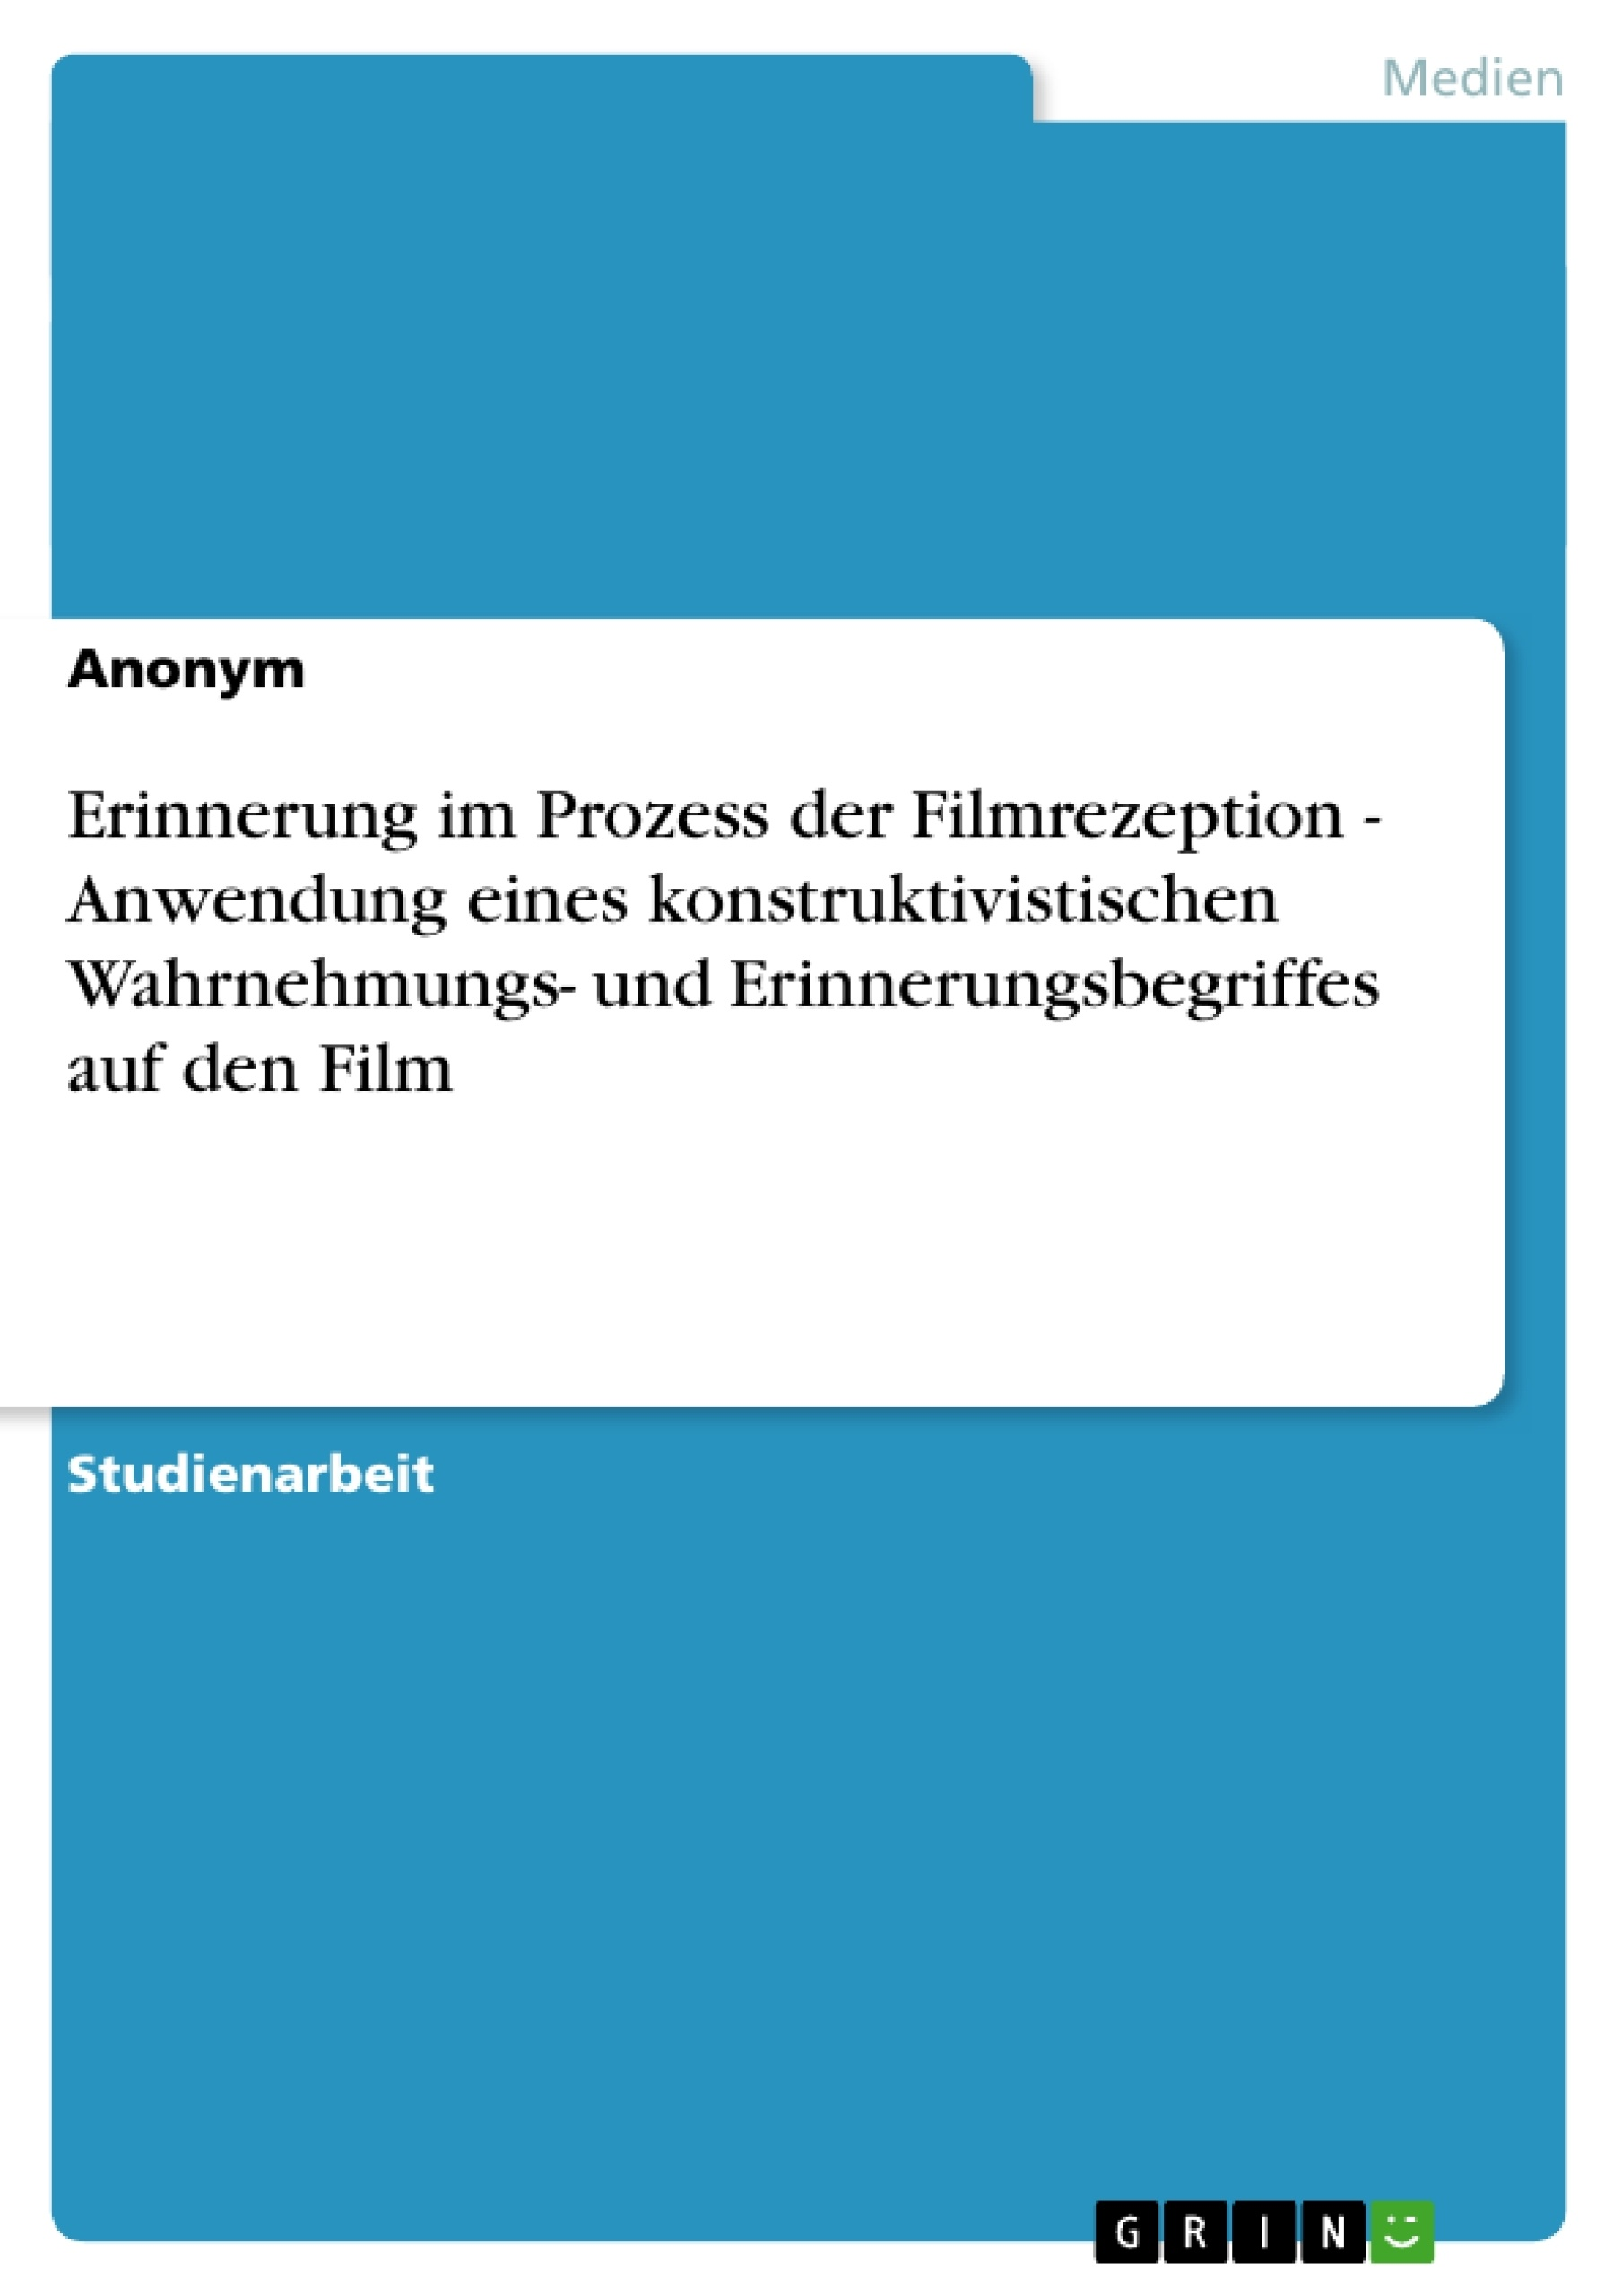 Titel: Erinnerung im Prozess der Filmrezeption - Anwendung eines konstruktivistischen Wahrnehmungs- und Erinnerungsbegriffes auf den Film